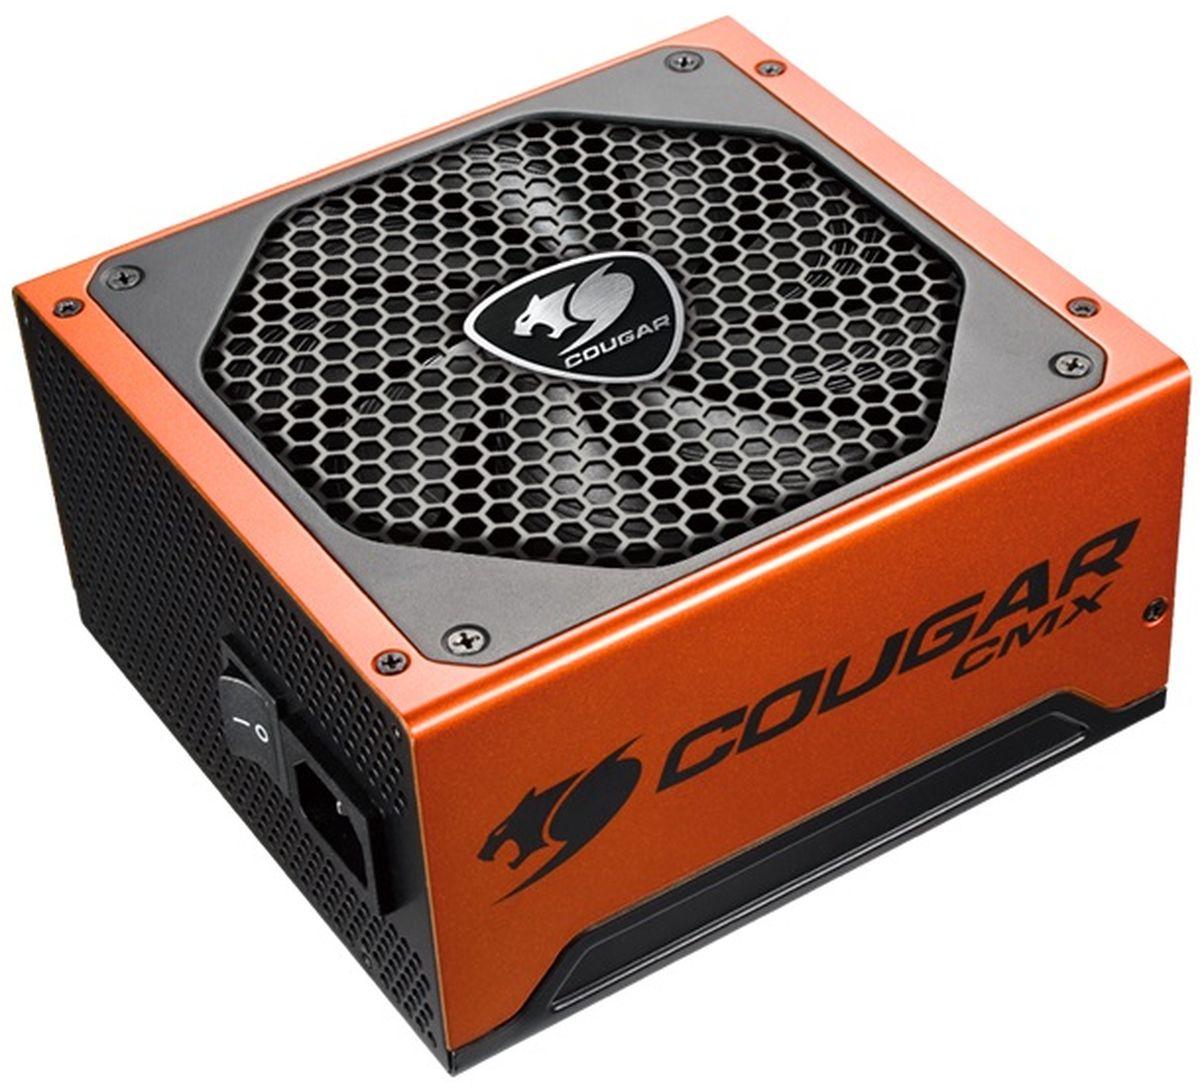 Cougar CUCMX700 блок питания для компьютера